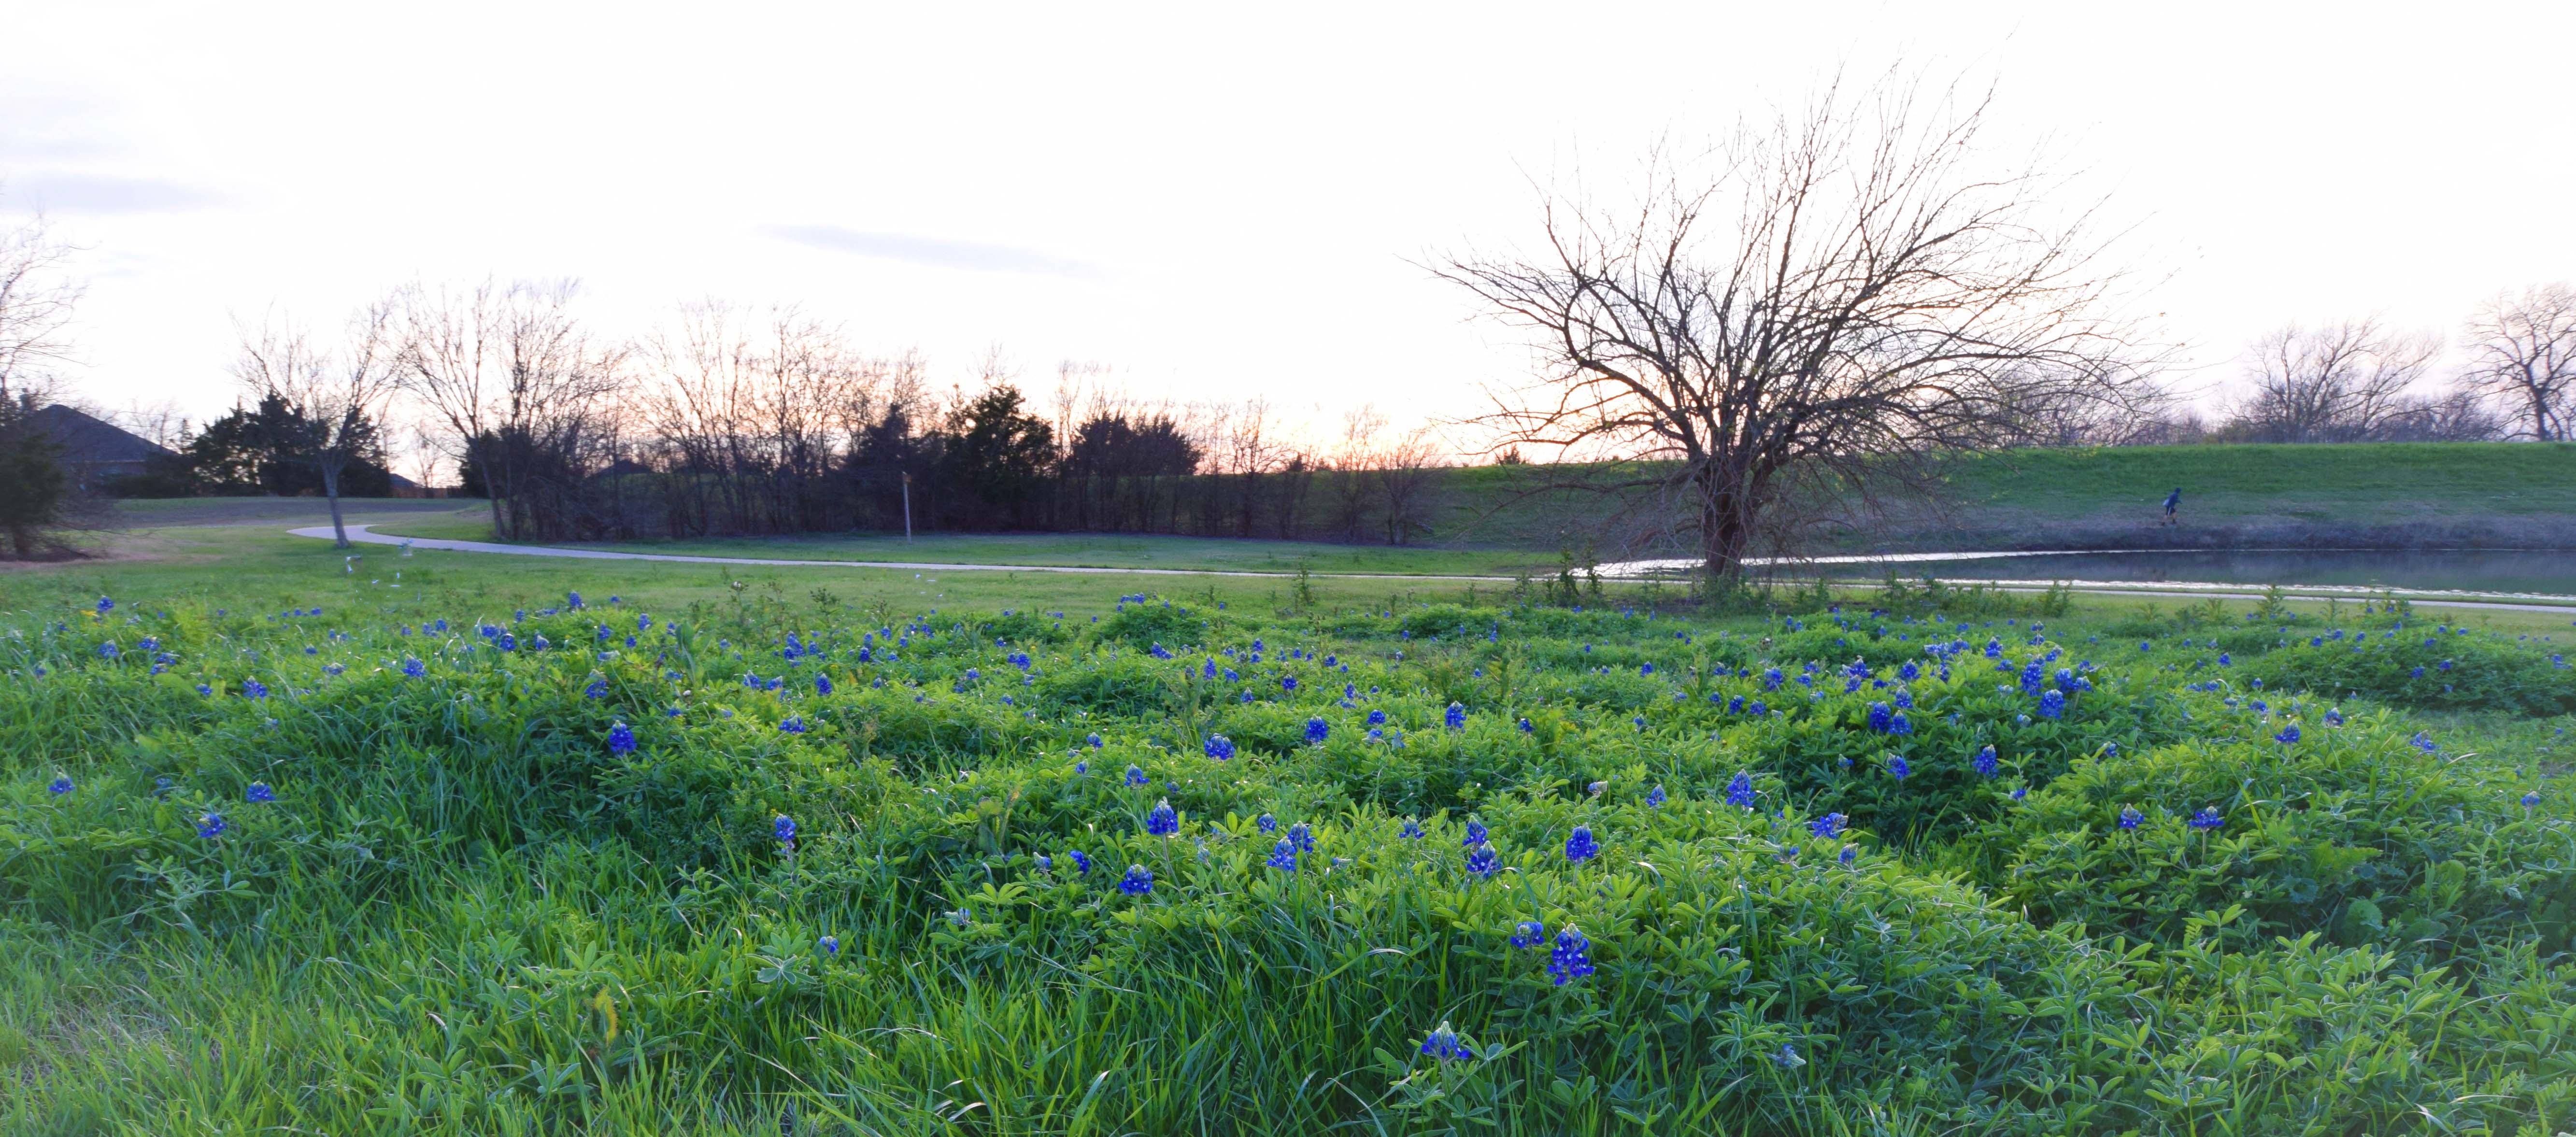 Bluebonnets bloom in Rockwall neighborhood